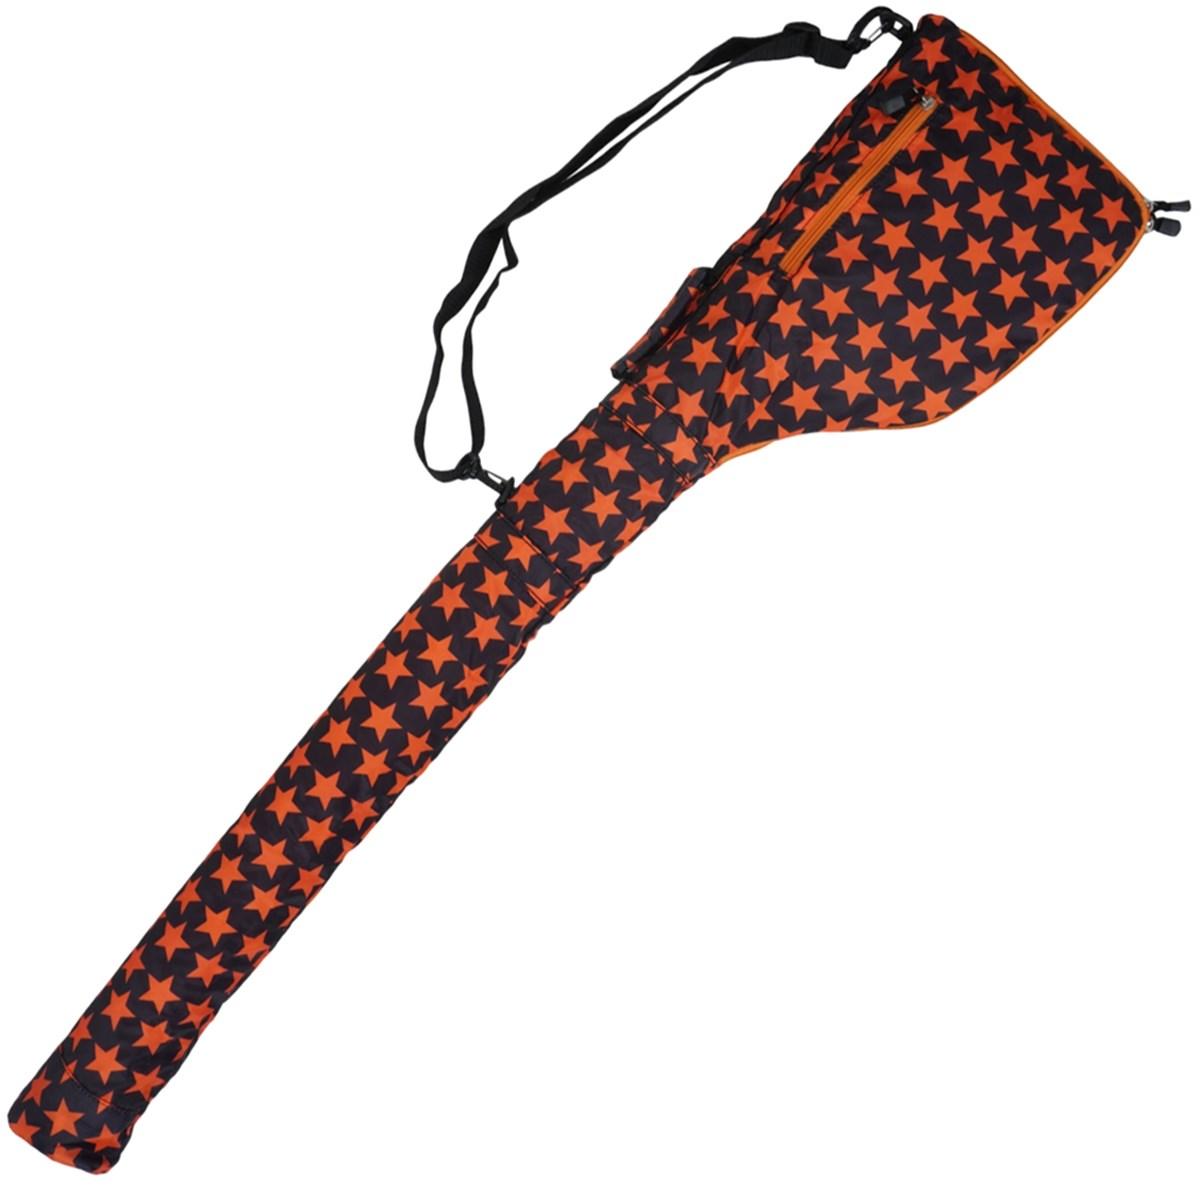 AZROF ソフトクラブケース ブラックオレンジ